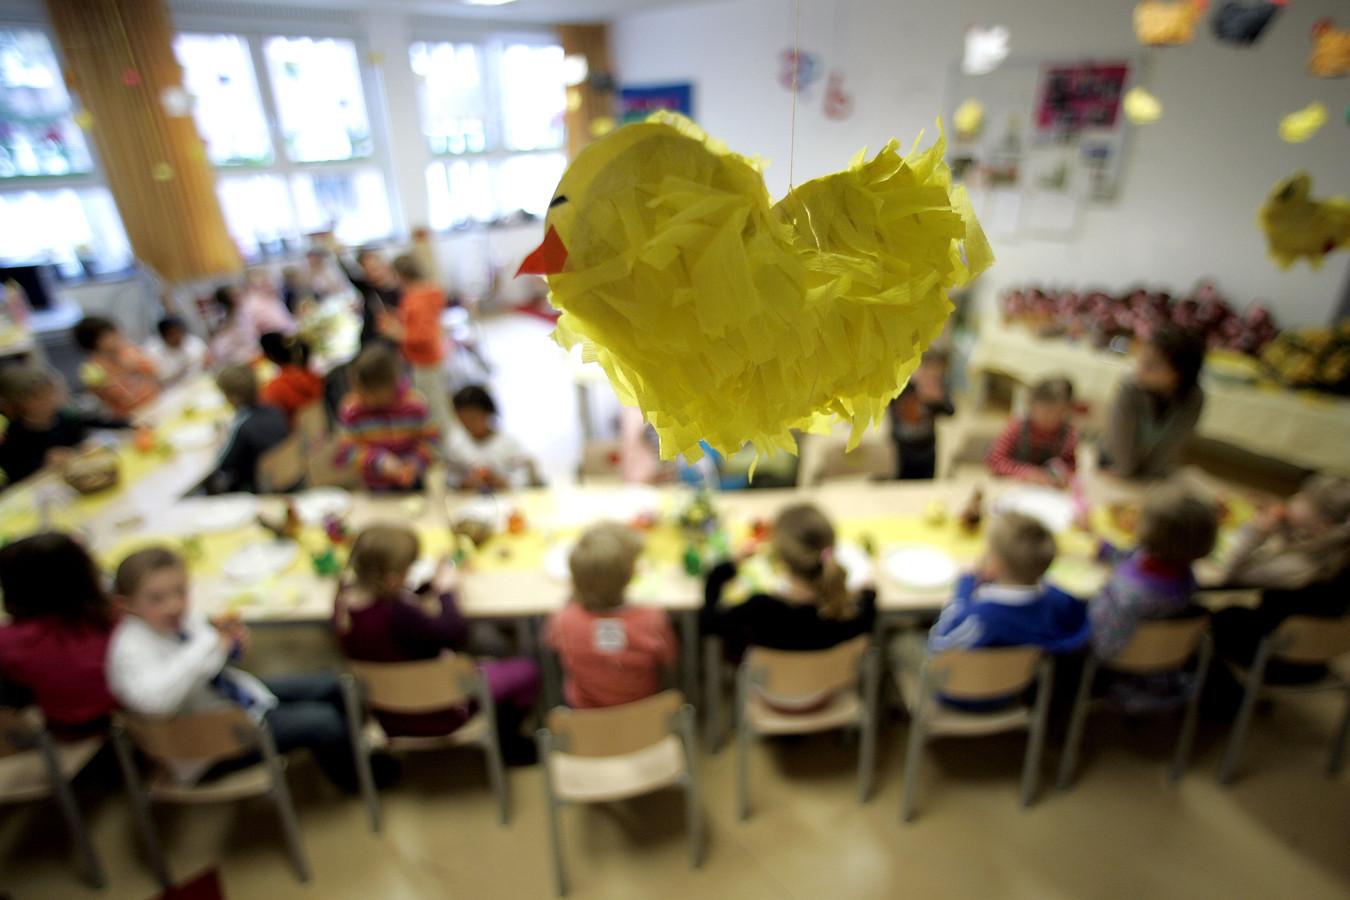 Leerlingen van een basisschool in Den Haag genieten van een paasontbijt op school.